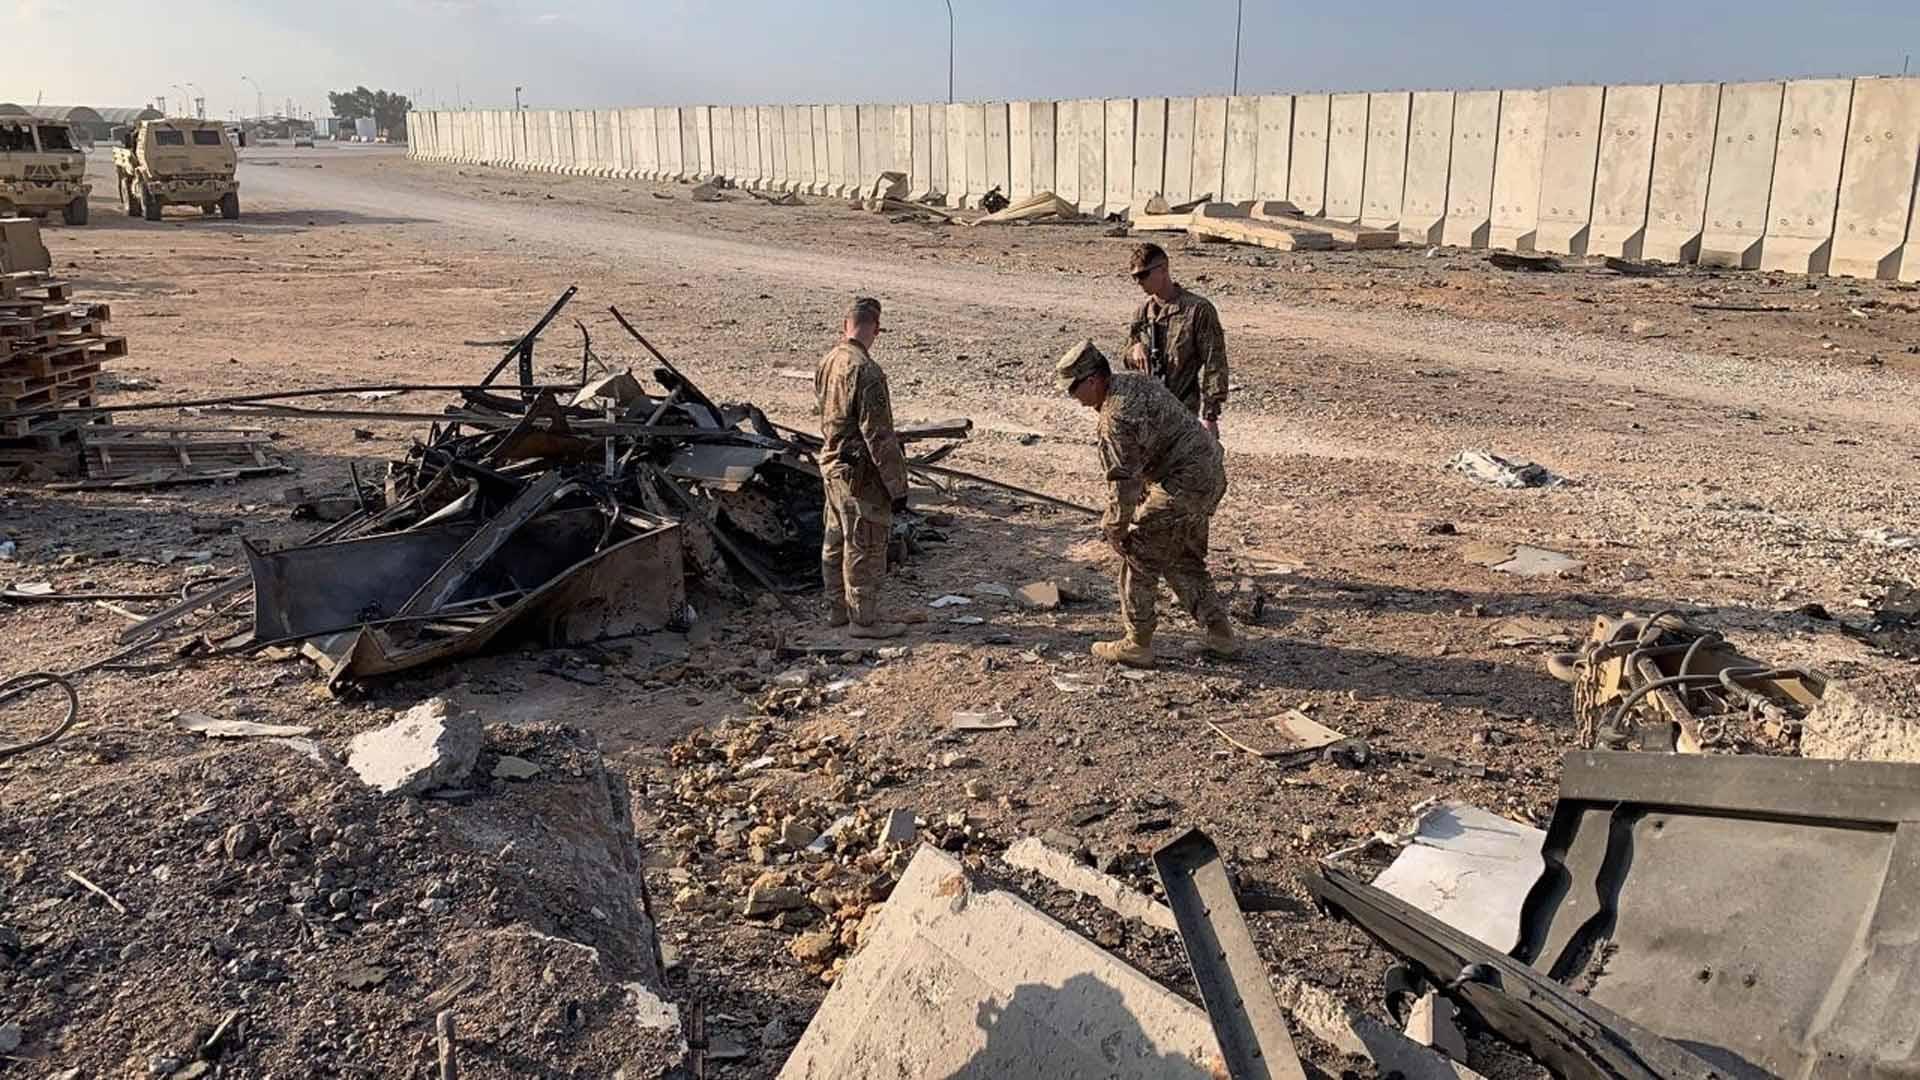 이란 미사일 공격 때 이라크 주둔 미군 최소 11명 뇌진탕